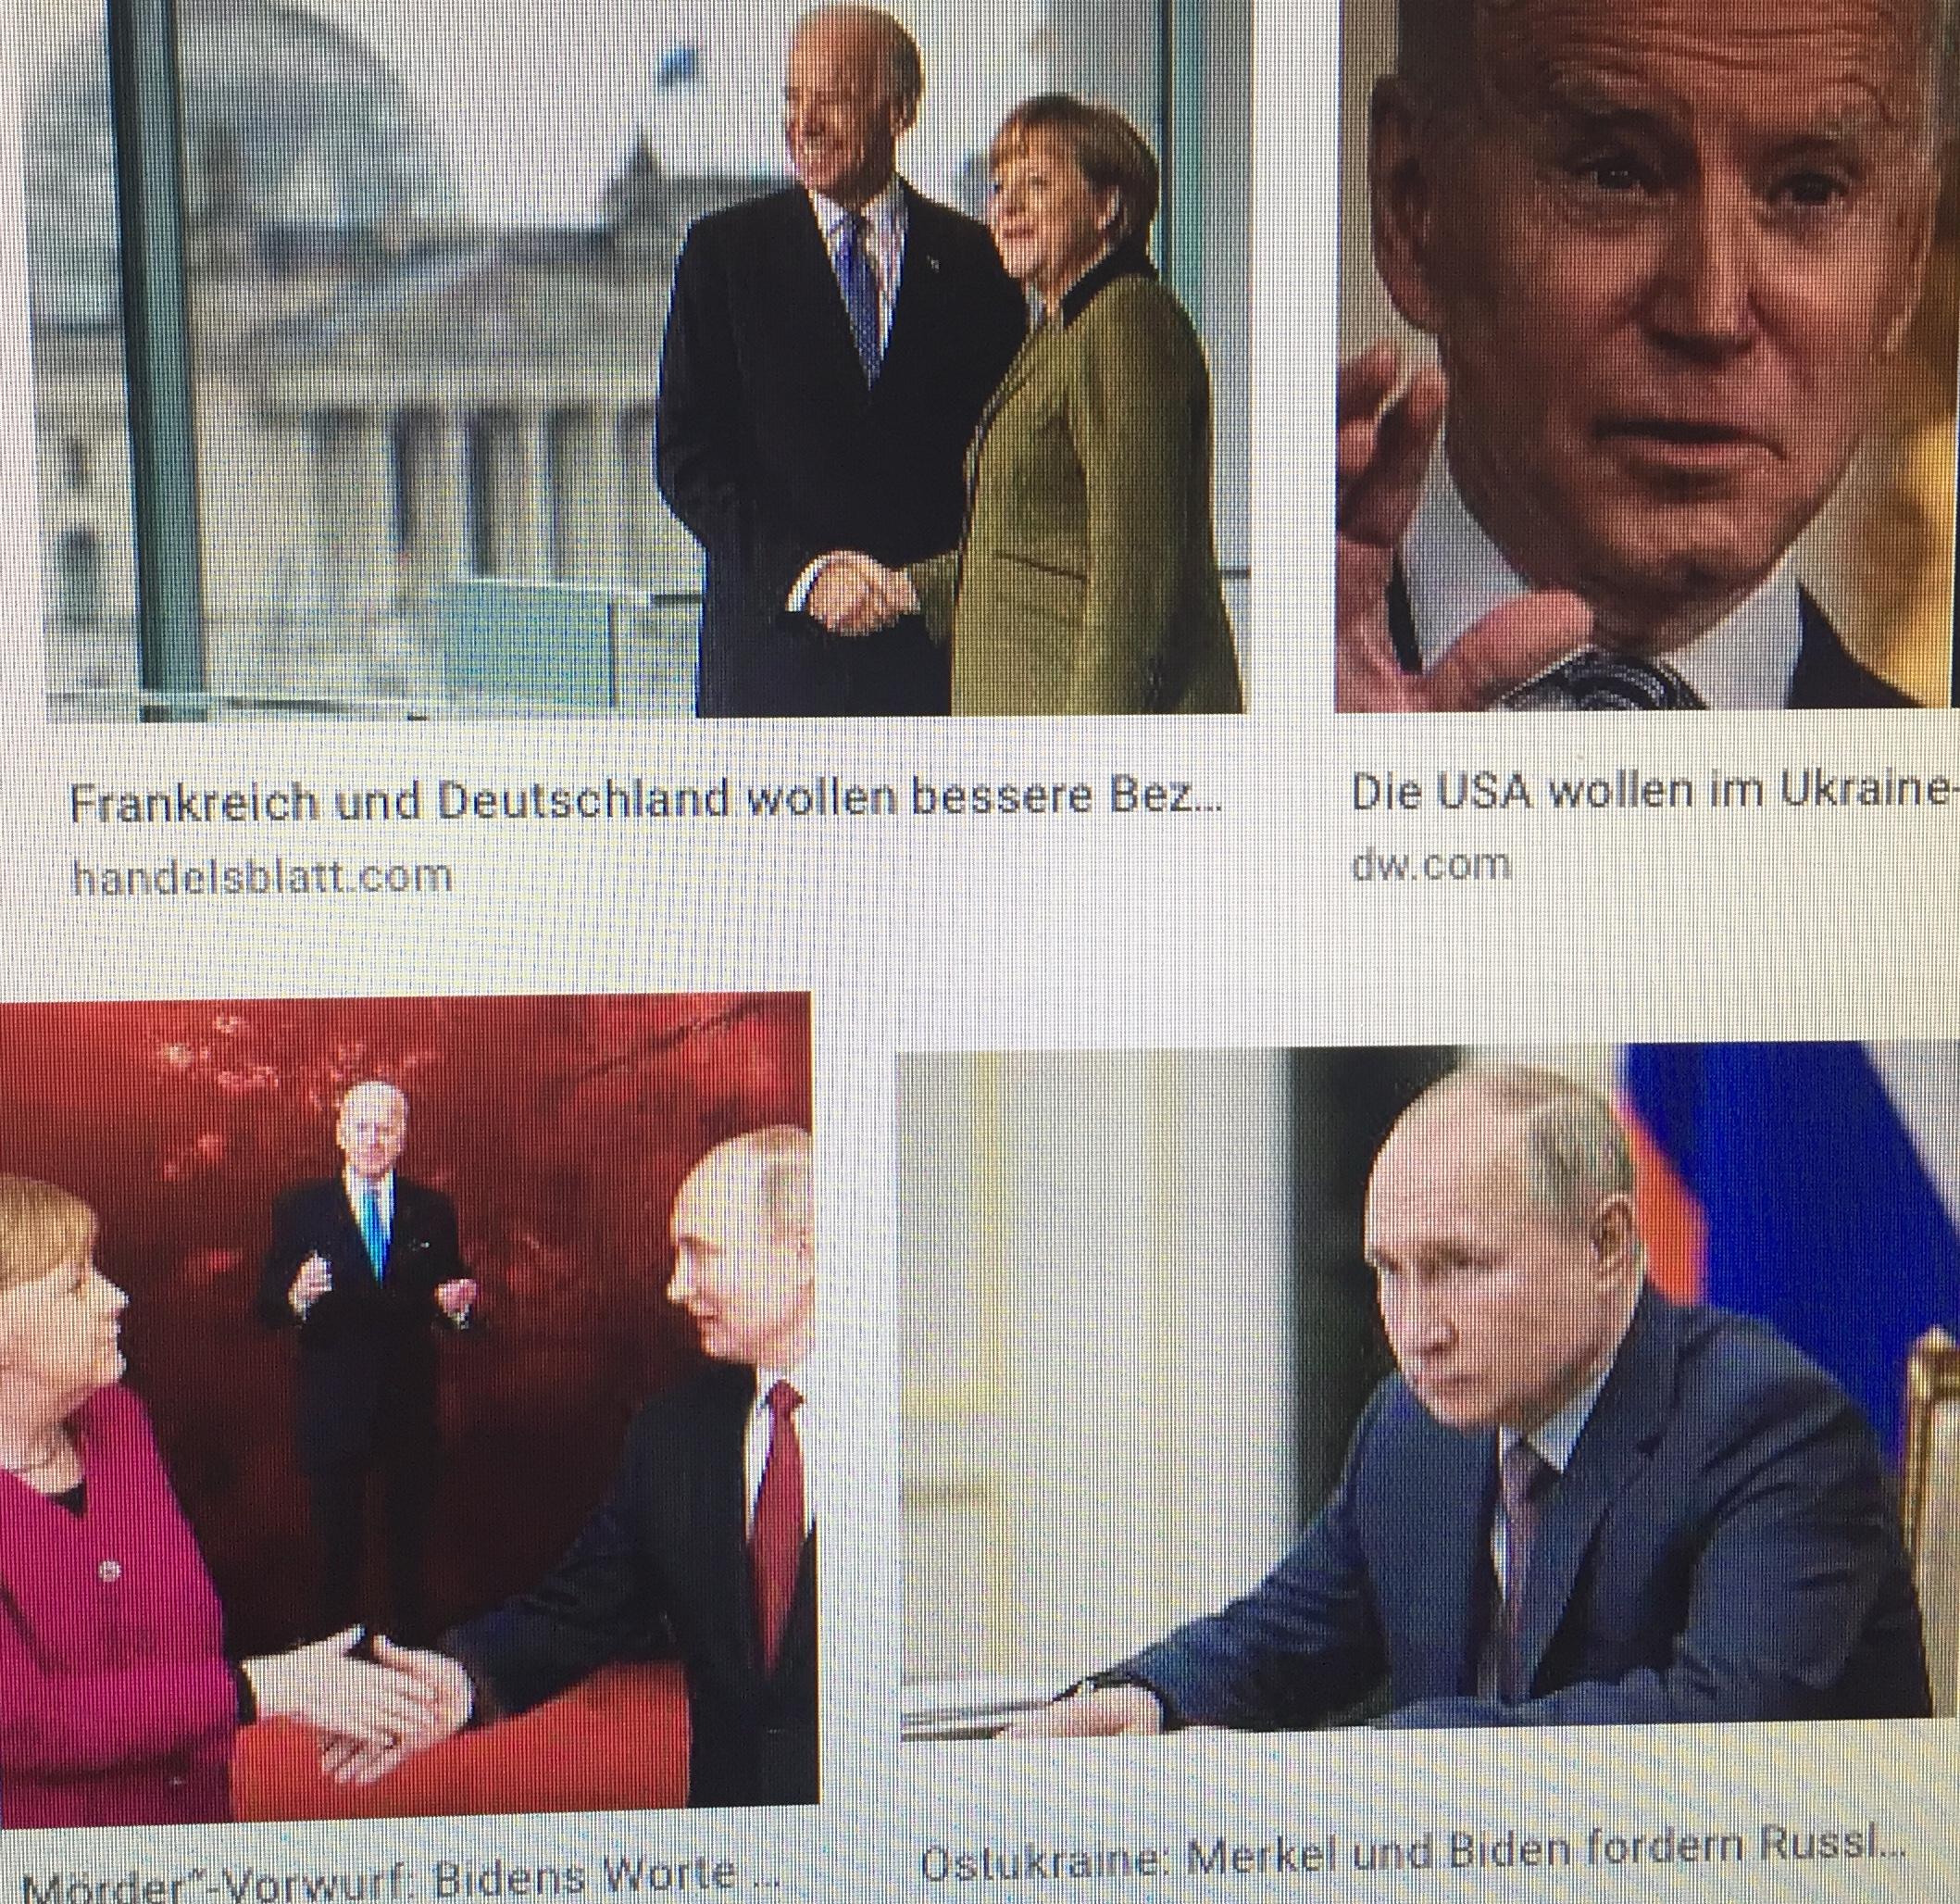 """Bei seiner Rede zur Eröffnung der Parade """"zum Sieg des russischen Volkes über die braune Pest"""" hat der russische Präsident Wladimir Putin eine """"schleichende Rückkehr der Ideologien von damals"""" angeprangert. Diese mache sich in Form von """"rassistischer Rhetorik"""", """"nationaler Überlegenheit"""", """"Antisemitismus"""" und """"Russophobie"""" bemerkbar. """"2021 jährt sich der Beginn des Großen Vaterländischen Krieges zum 80. Mal. Der 22. Juni 1941 ist eines der tragischsten Daten in unserer Geschichte. Der Feind griff unser Land an, wollte uns vernichten und hat Tod, Schmerz, Entsetzen und unermessliches Leid gebracht. Der Krieg brachte so viele unerträgliche Prüfungen, Trauer und Tränen mit sich, dass man ihn nicht vergessen kann"""", sagte Putin. Und es wird weder Vergebung noch Entschuldigung für diejenigen geben, die auch heute wieder aggressive Pläne schmieden, warnte der Kreml-Chef in Richtung Pentagon und NATO.  Von Verena Daum (www.progression.at, www.garden-eden.org)"""